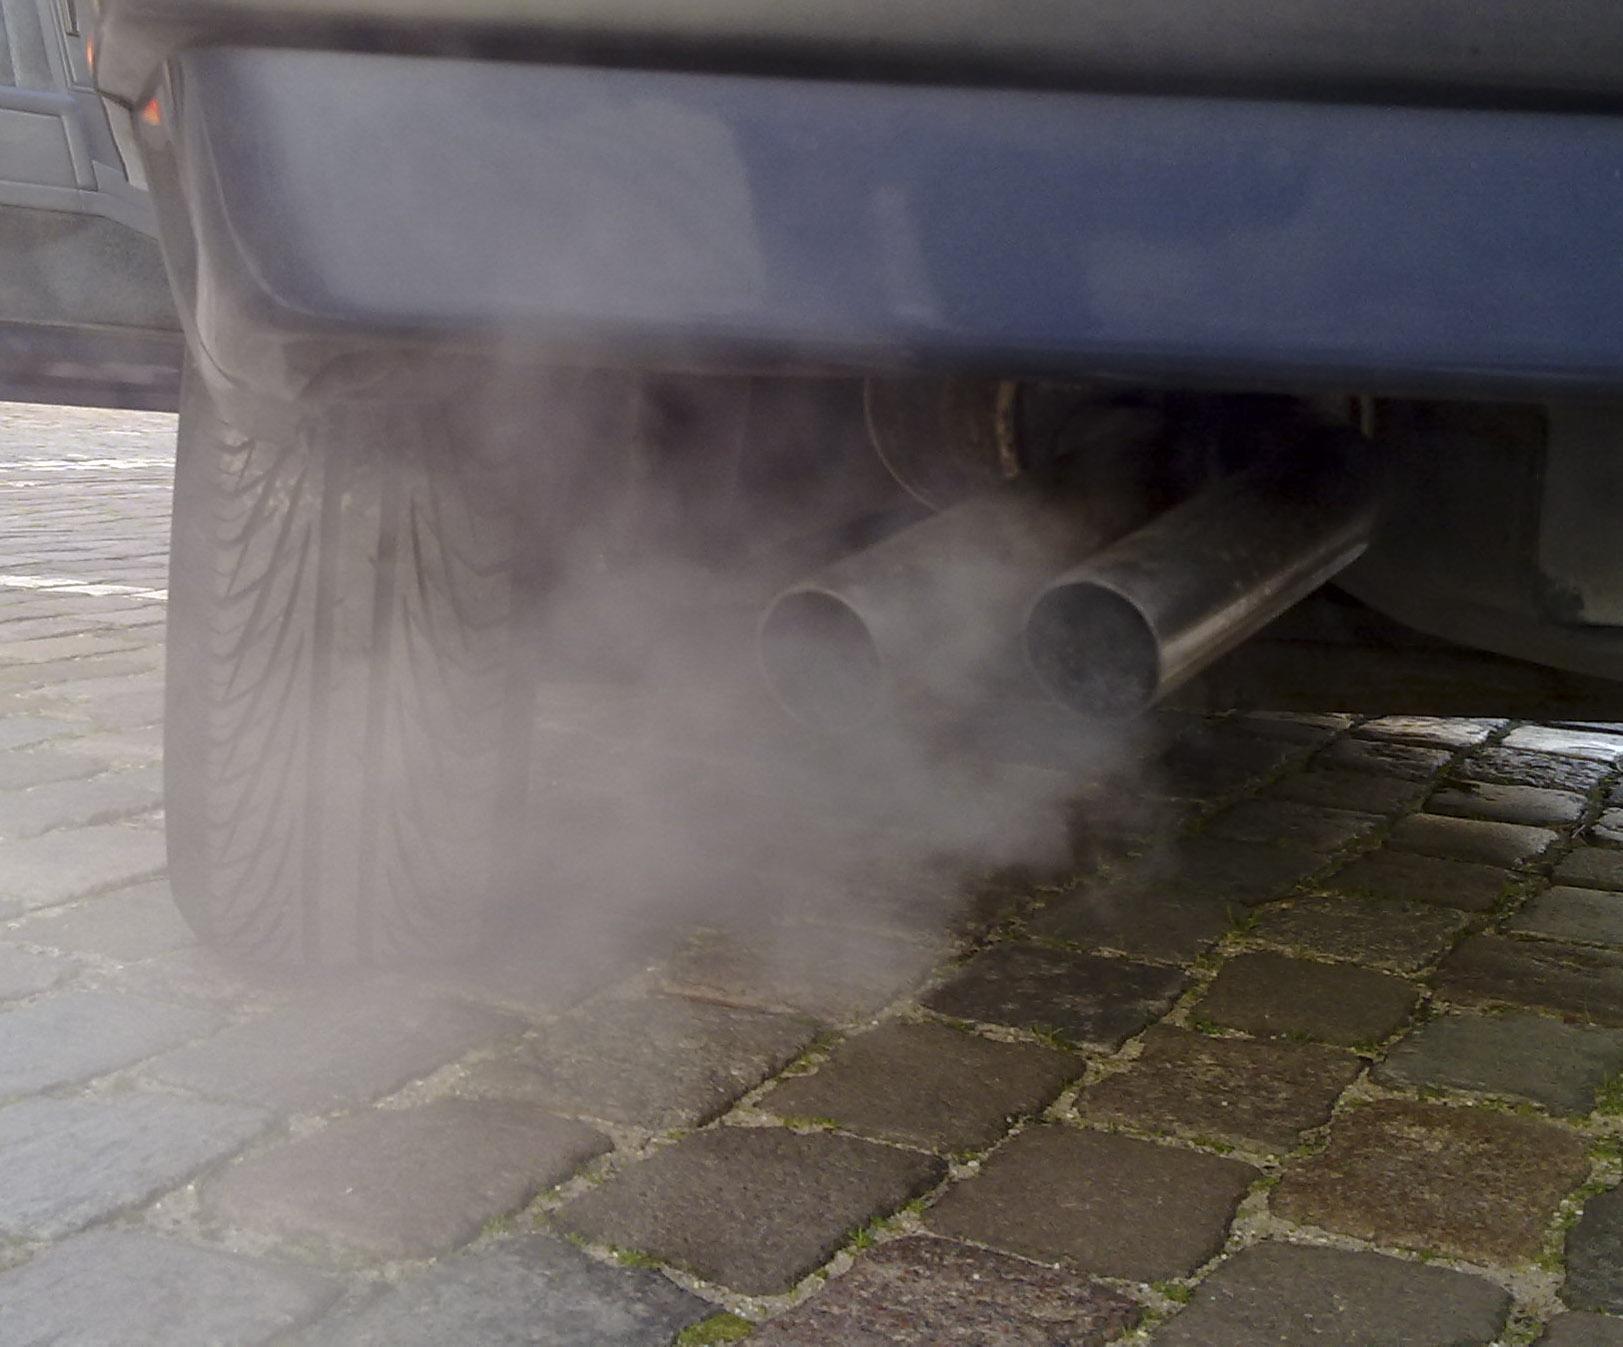 car emissions riteve costa rica 1